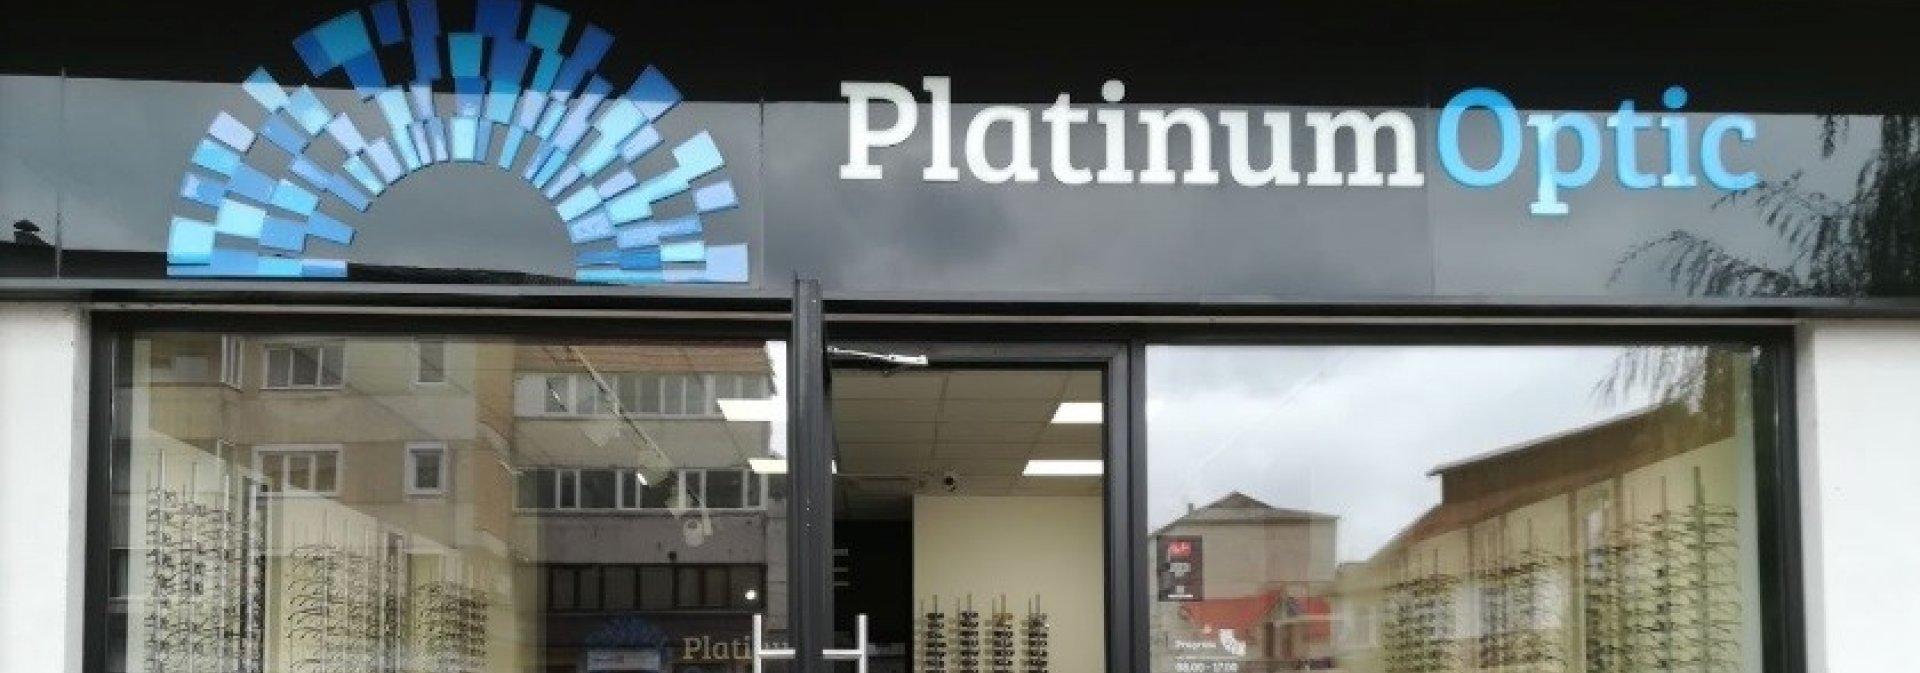 Platinum Optic (Târgu Neamț), Târgu Neamț, Neamț